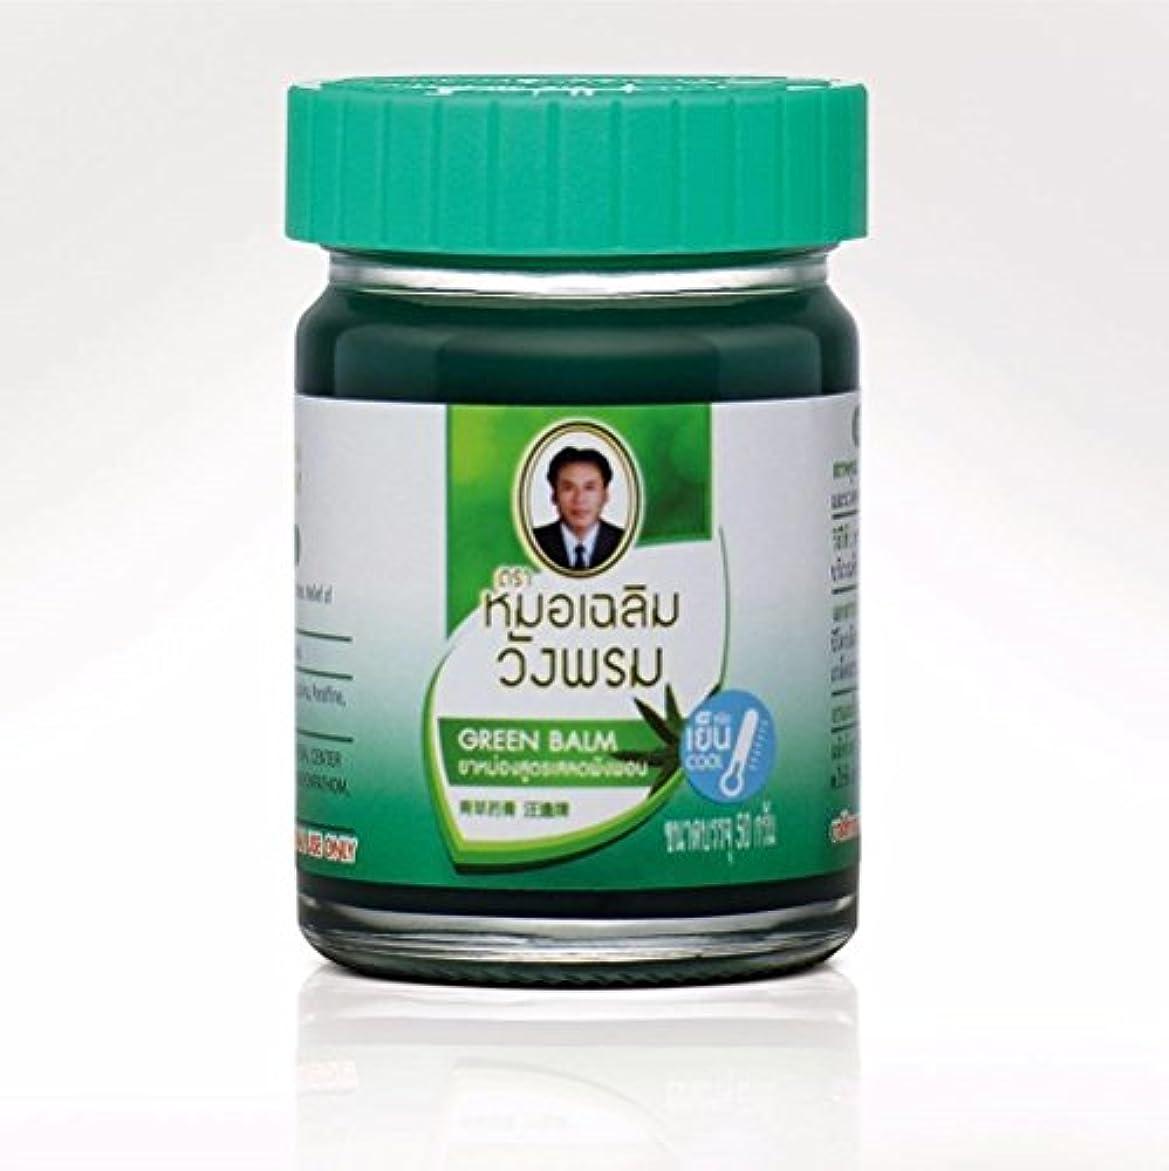 アコード原点とティーム50G.Wangphrom Thai Herbal Balm Massage Body Relief Muscle Pain,Thai Herb Green Balm (COOL) size 50 gram..(2 pc.)